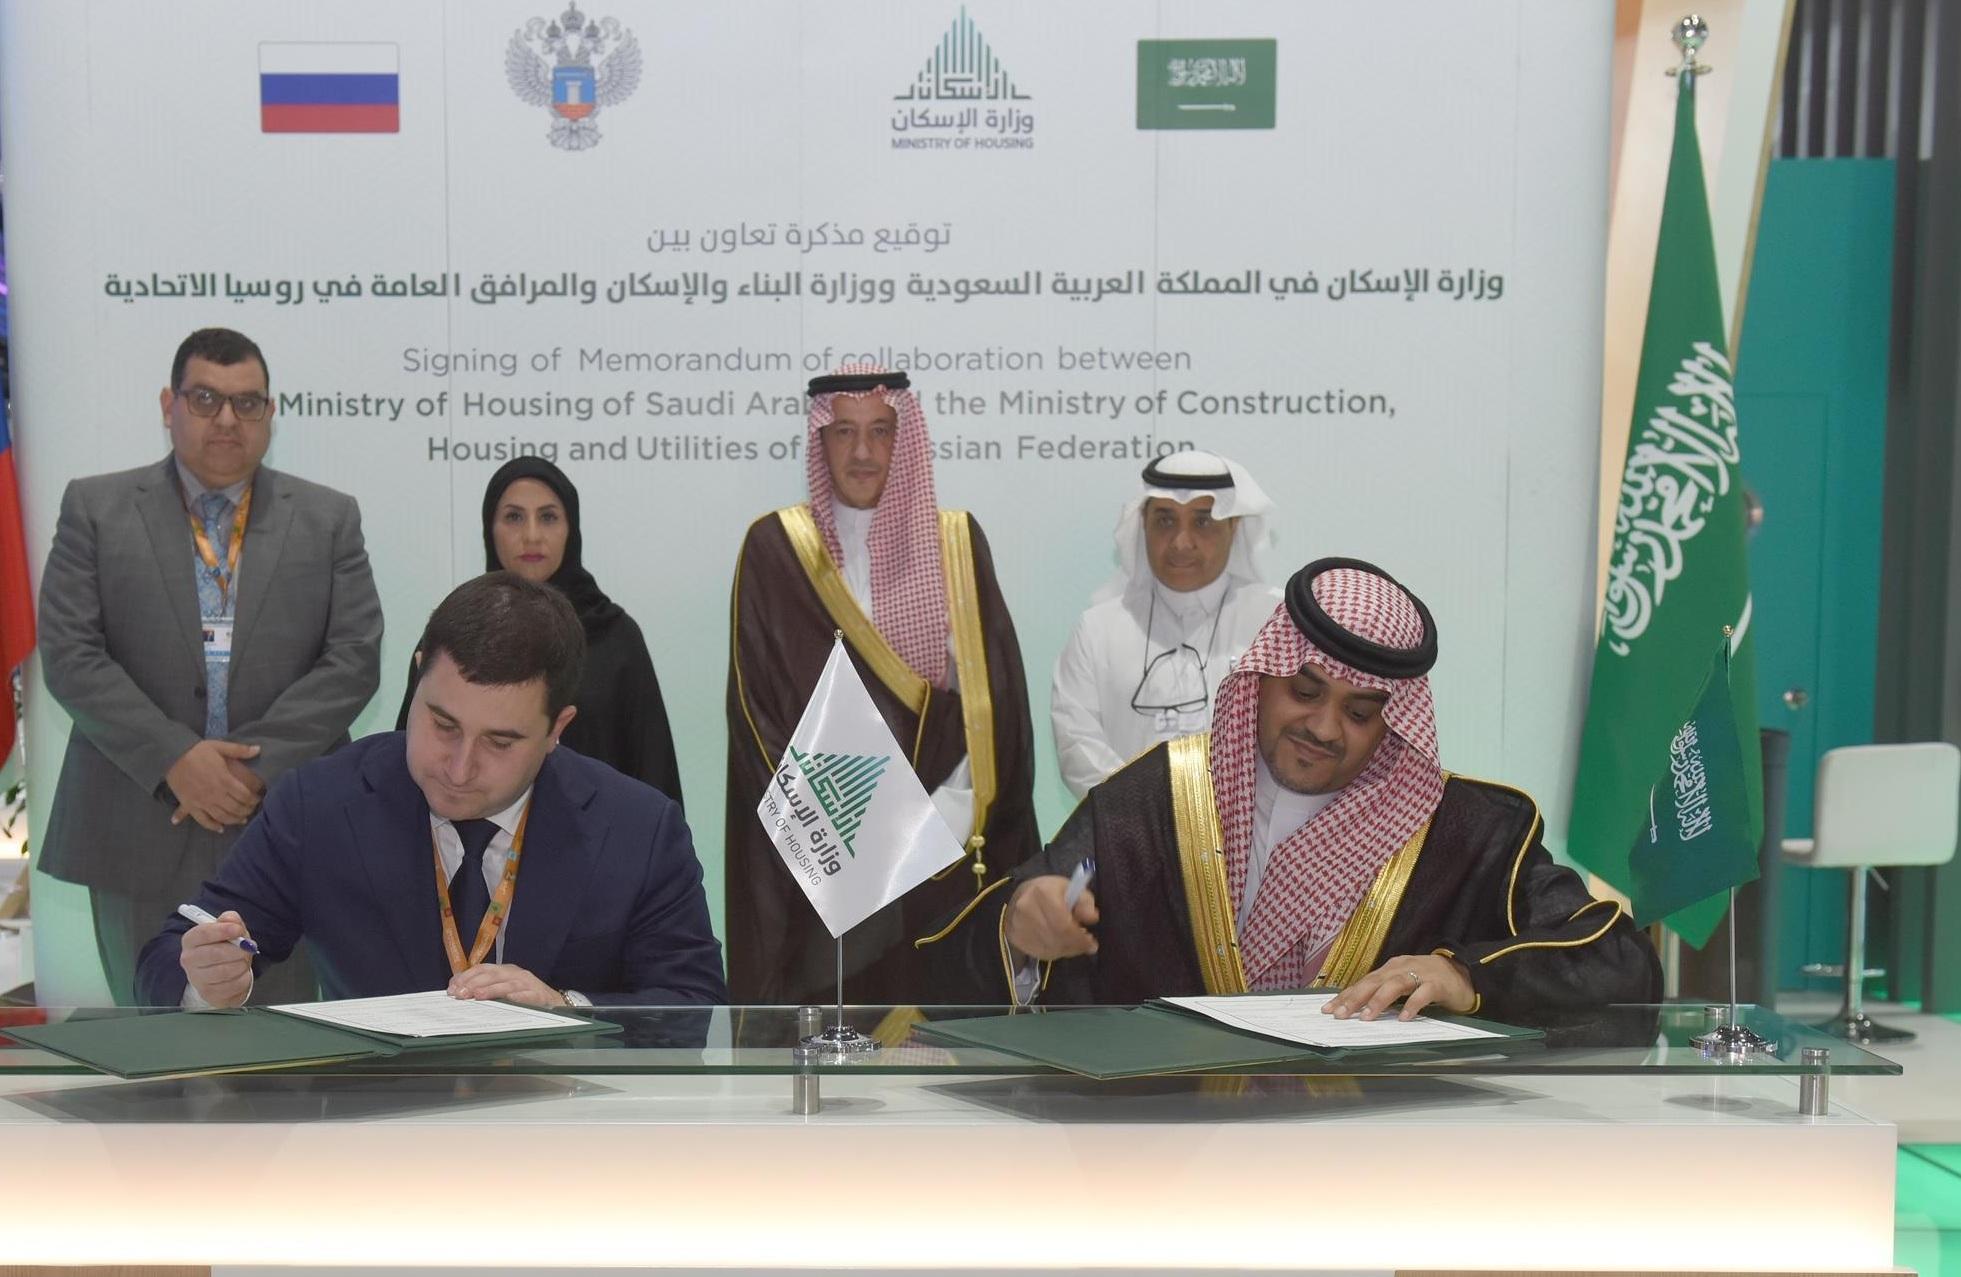 وزارة الإسكان ووزارة البناء الروسي مشاريع سكنية